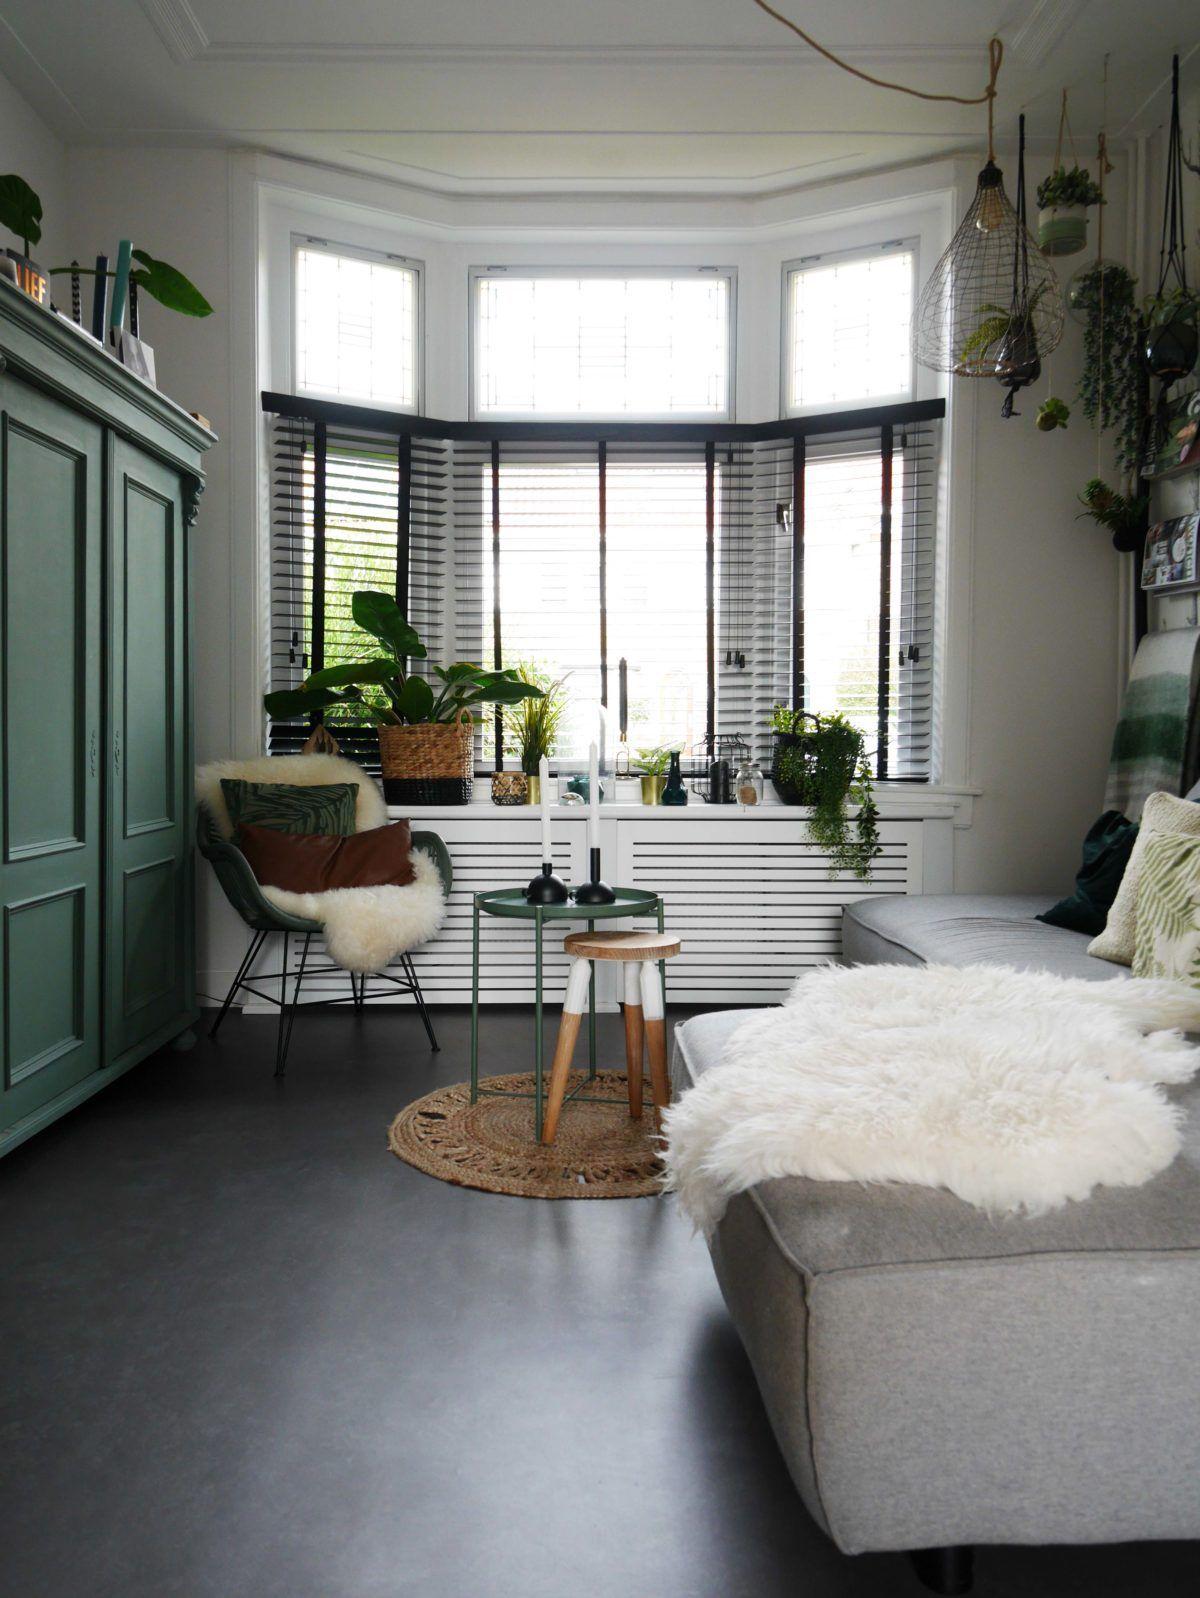 erker jaren 30 woonkamer huiskamer jaloezieën | cosy corners ...